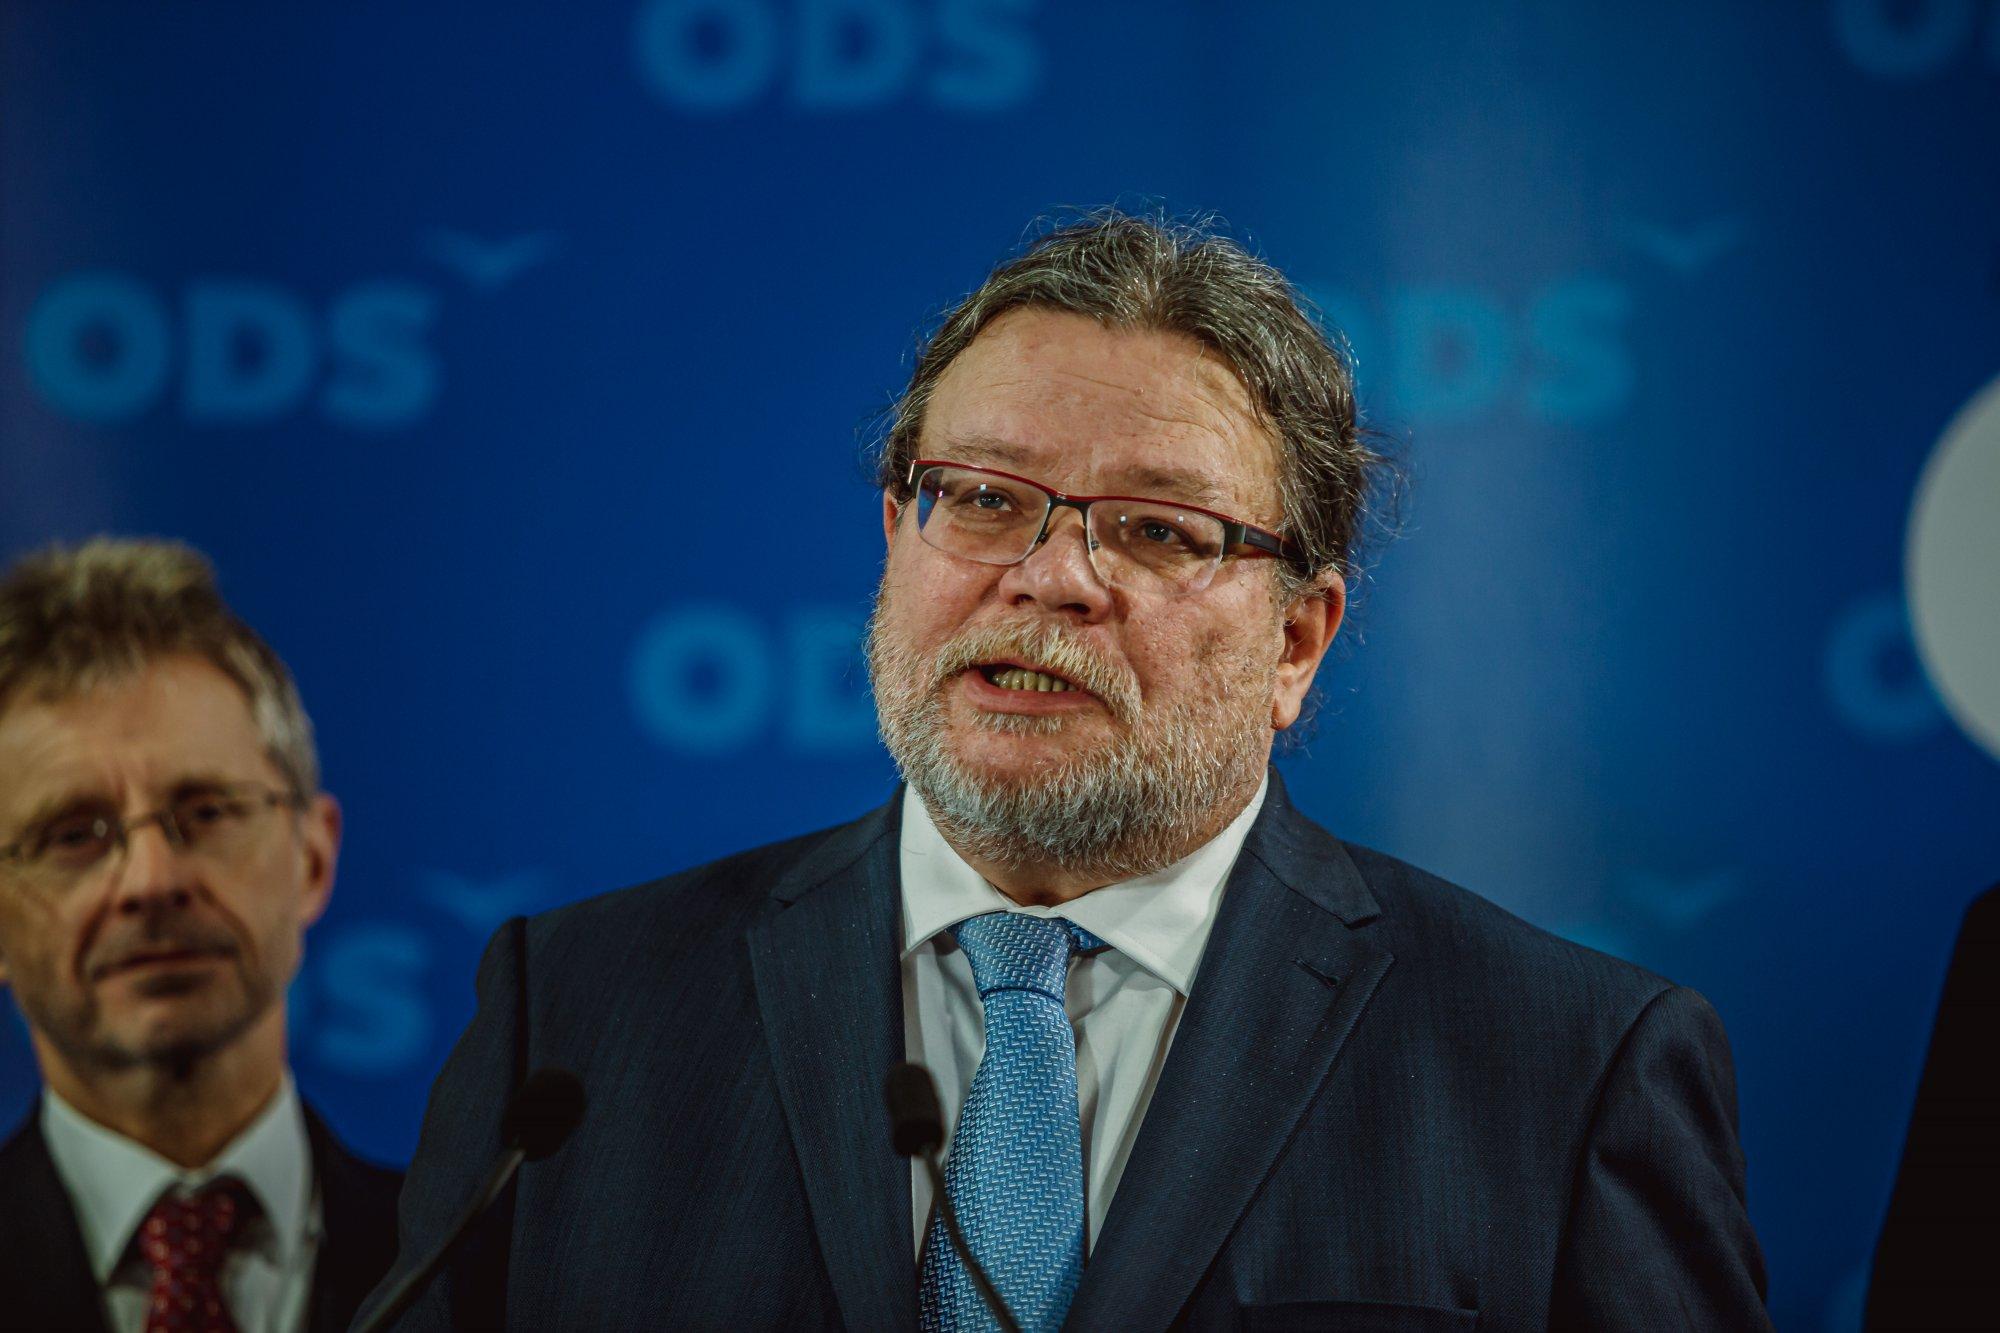 Plán Evropské komise je pro nás nevýhodný